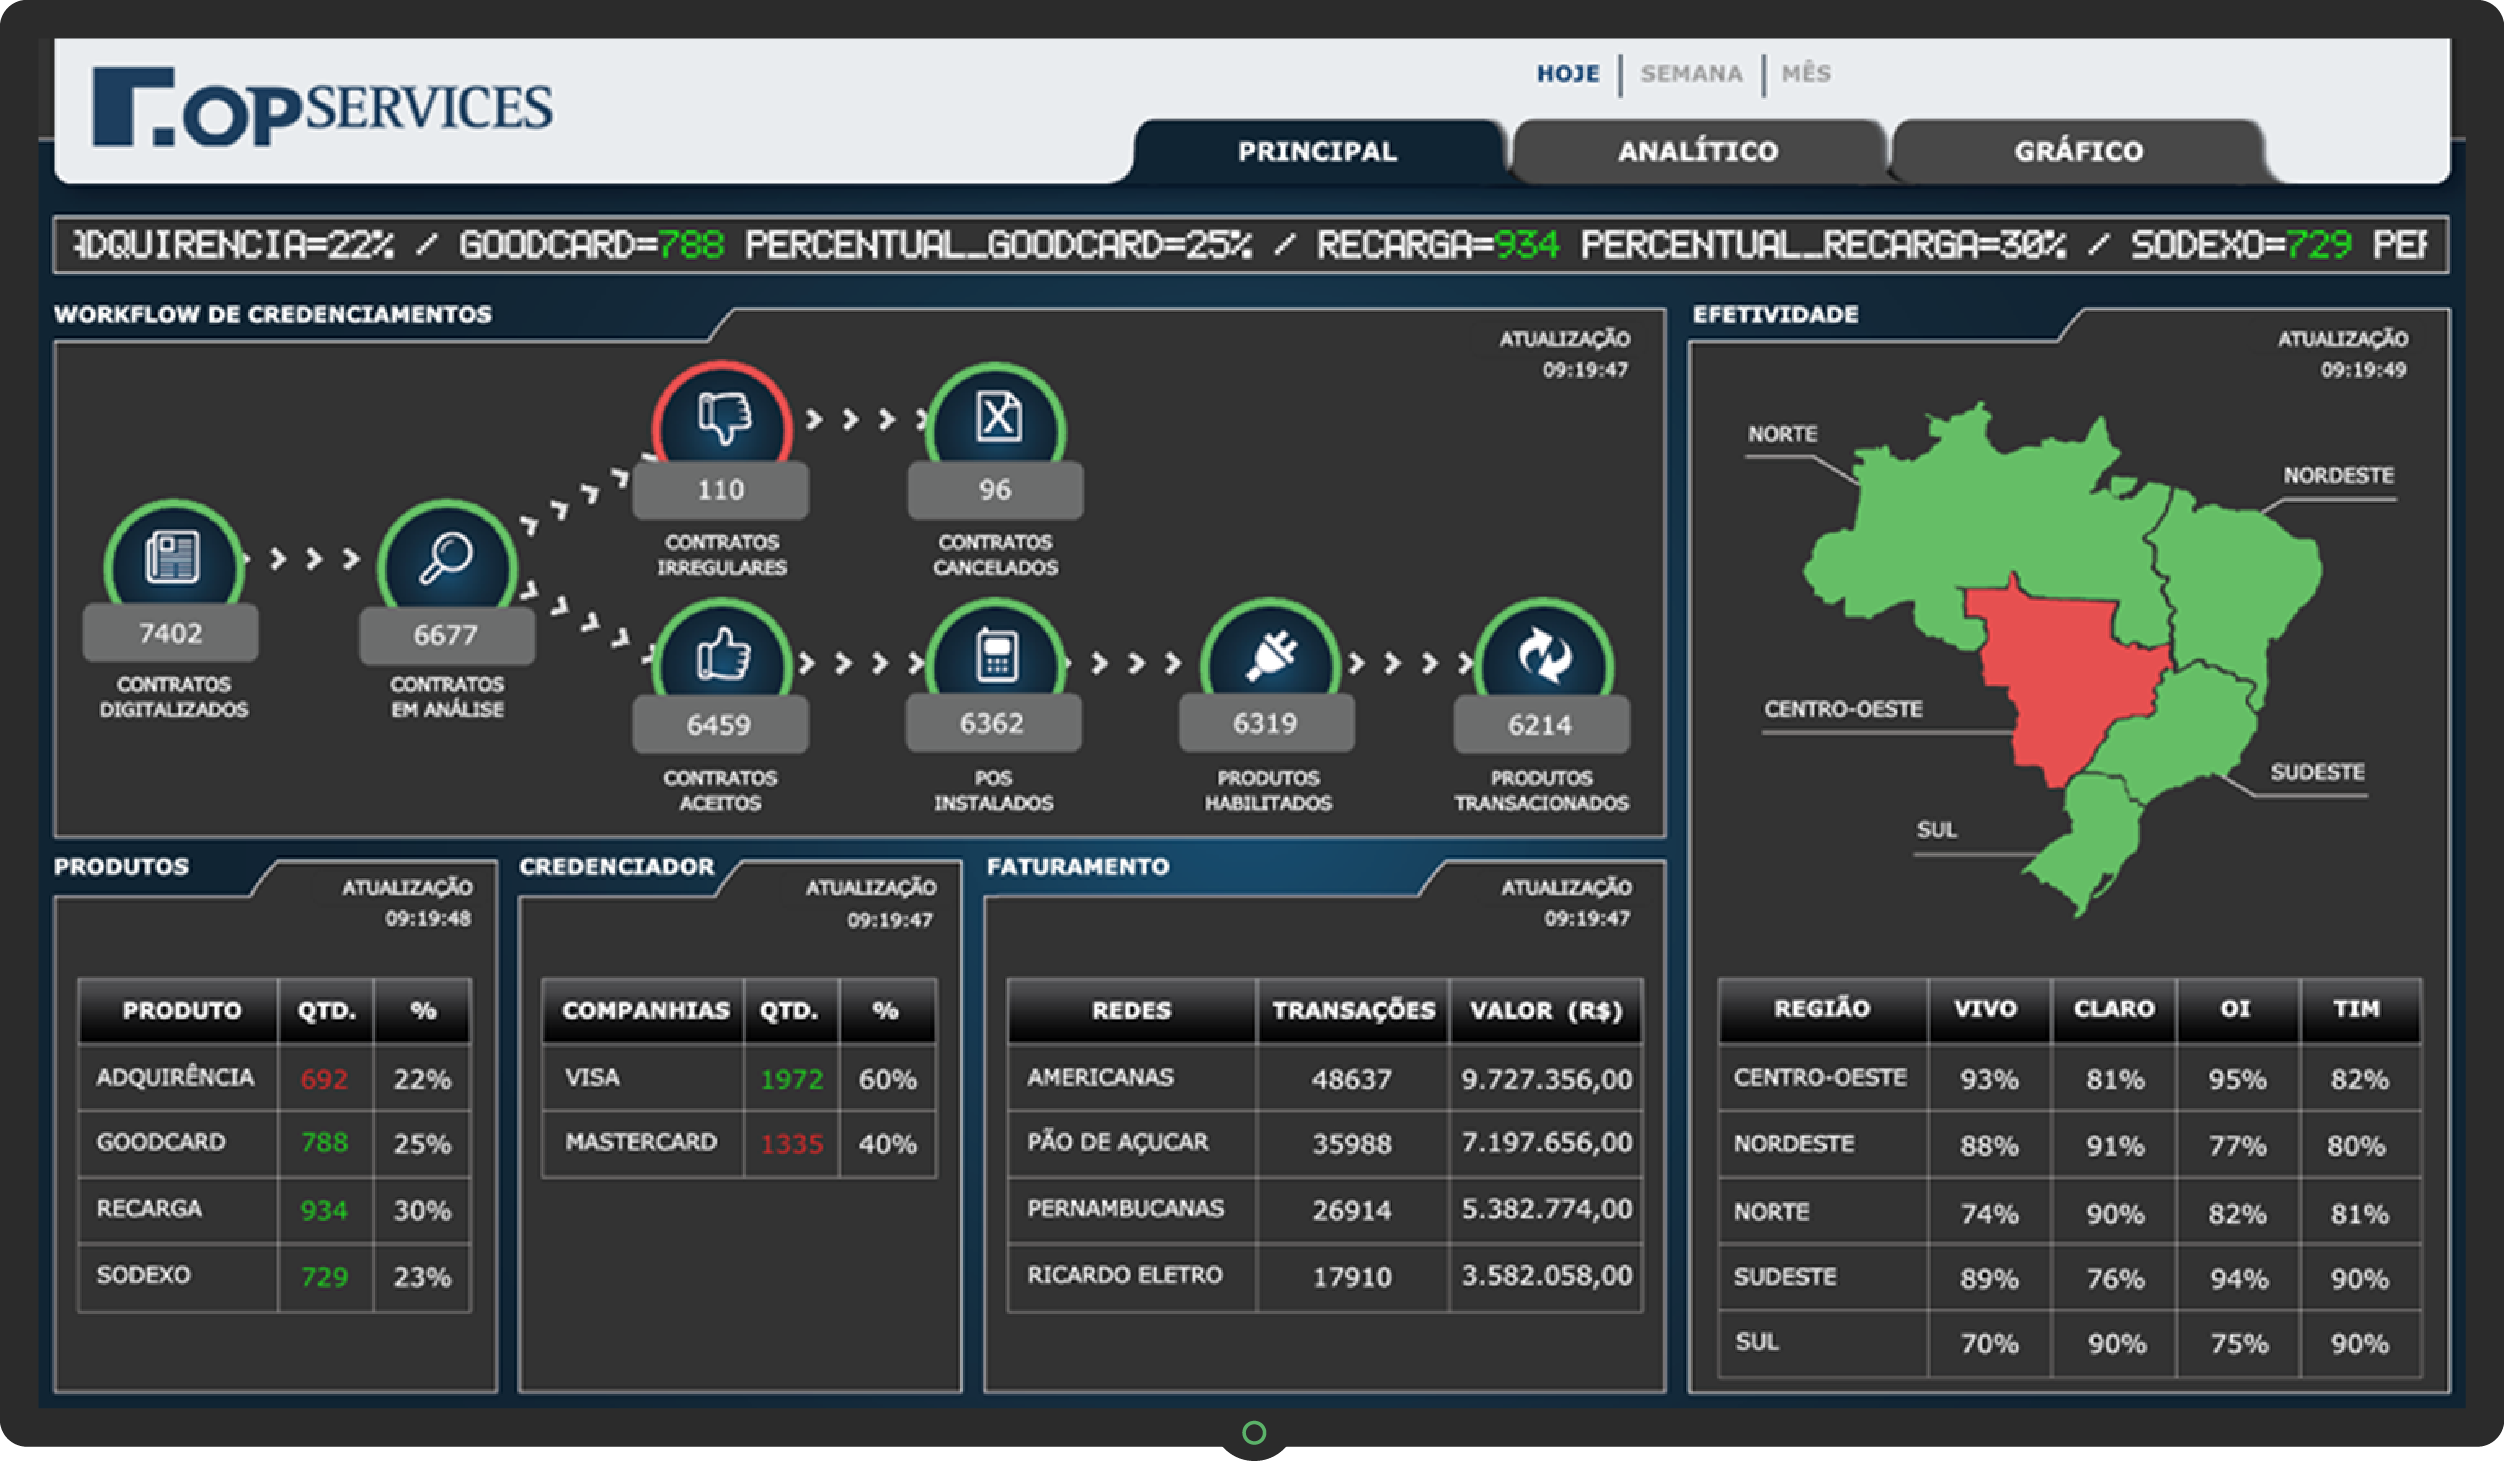 Dashboard Monitoramento de Processos de Negócios